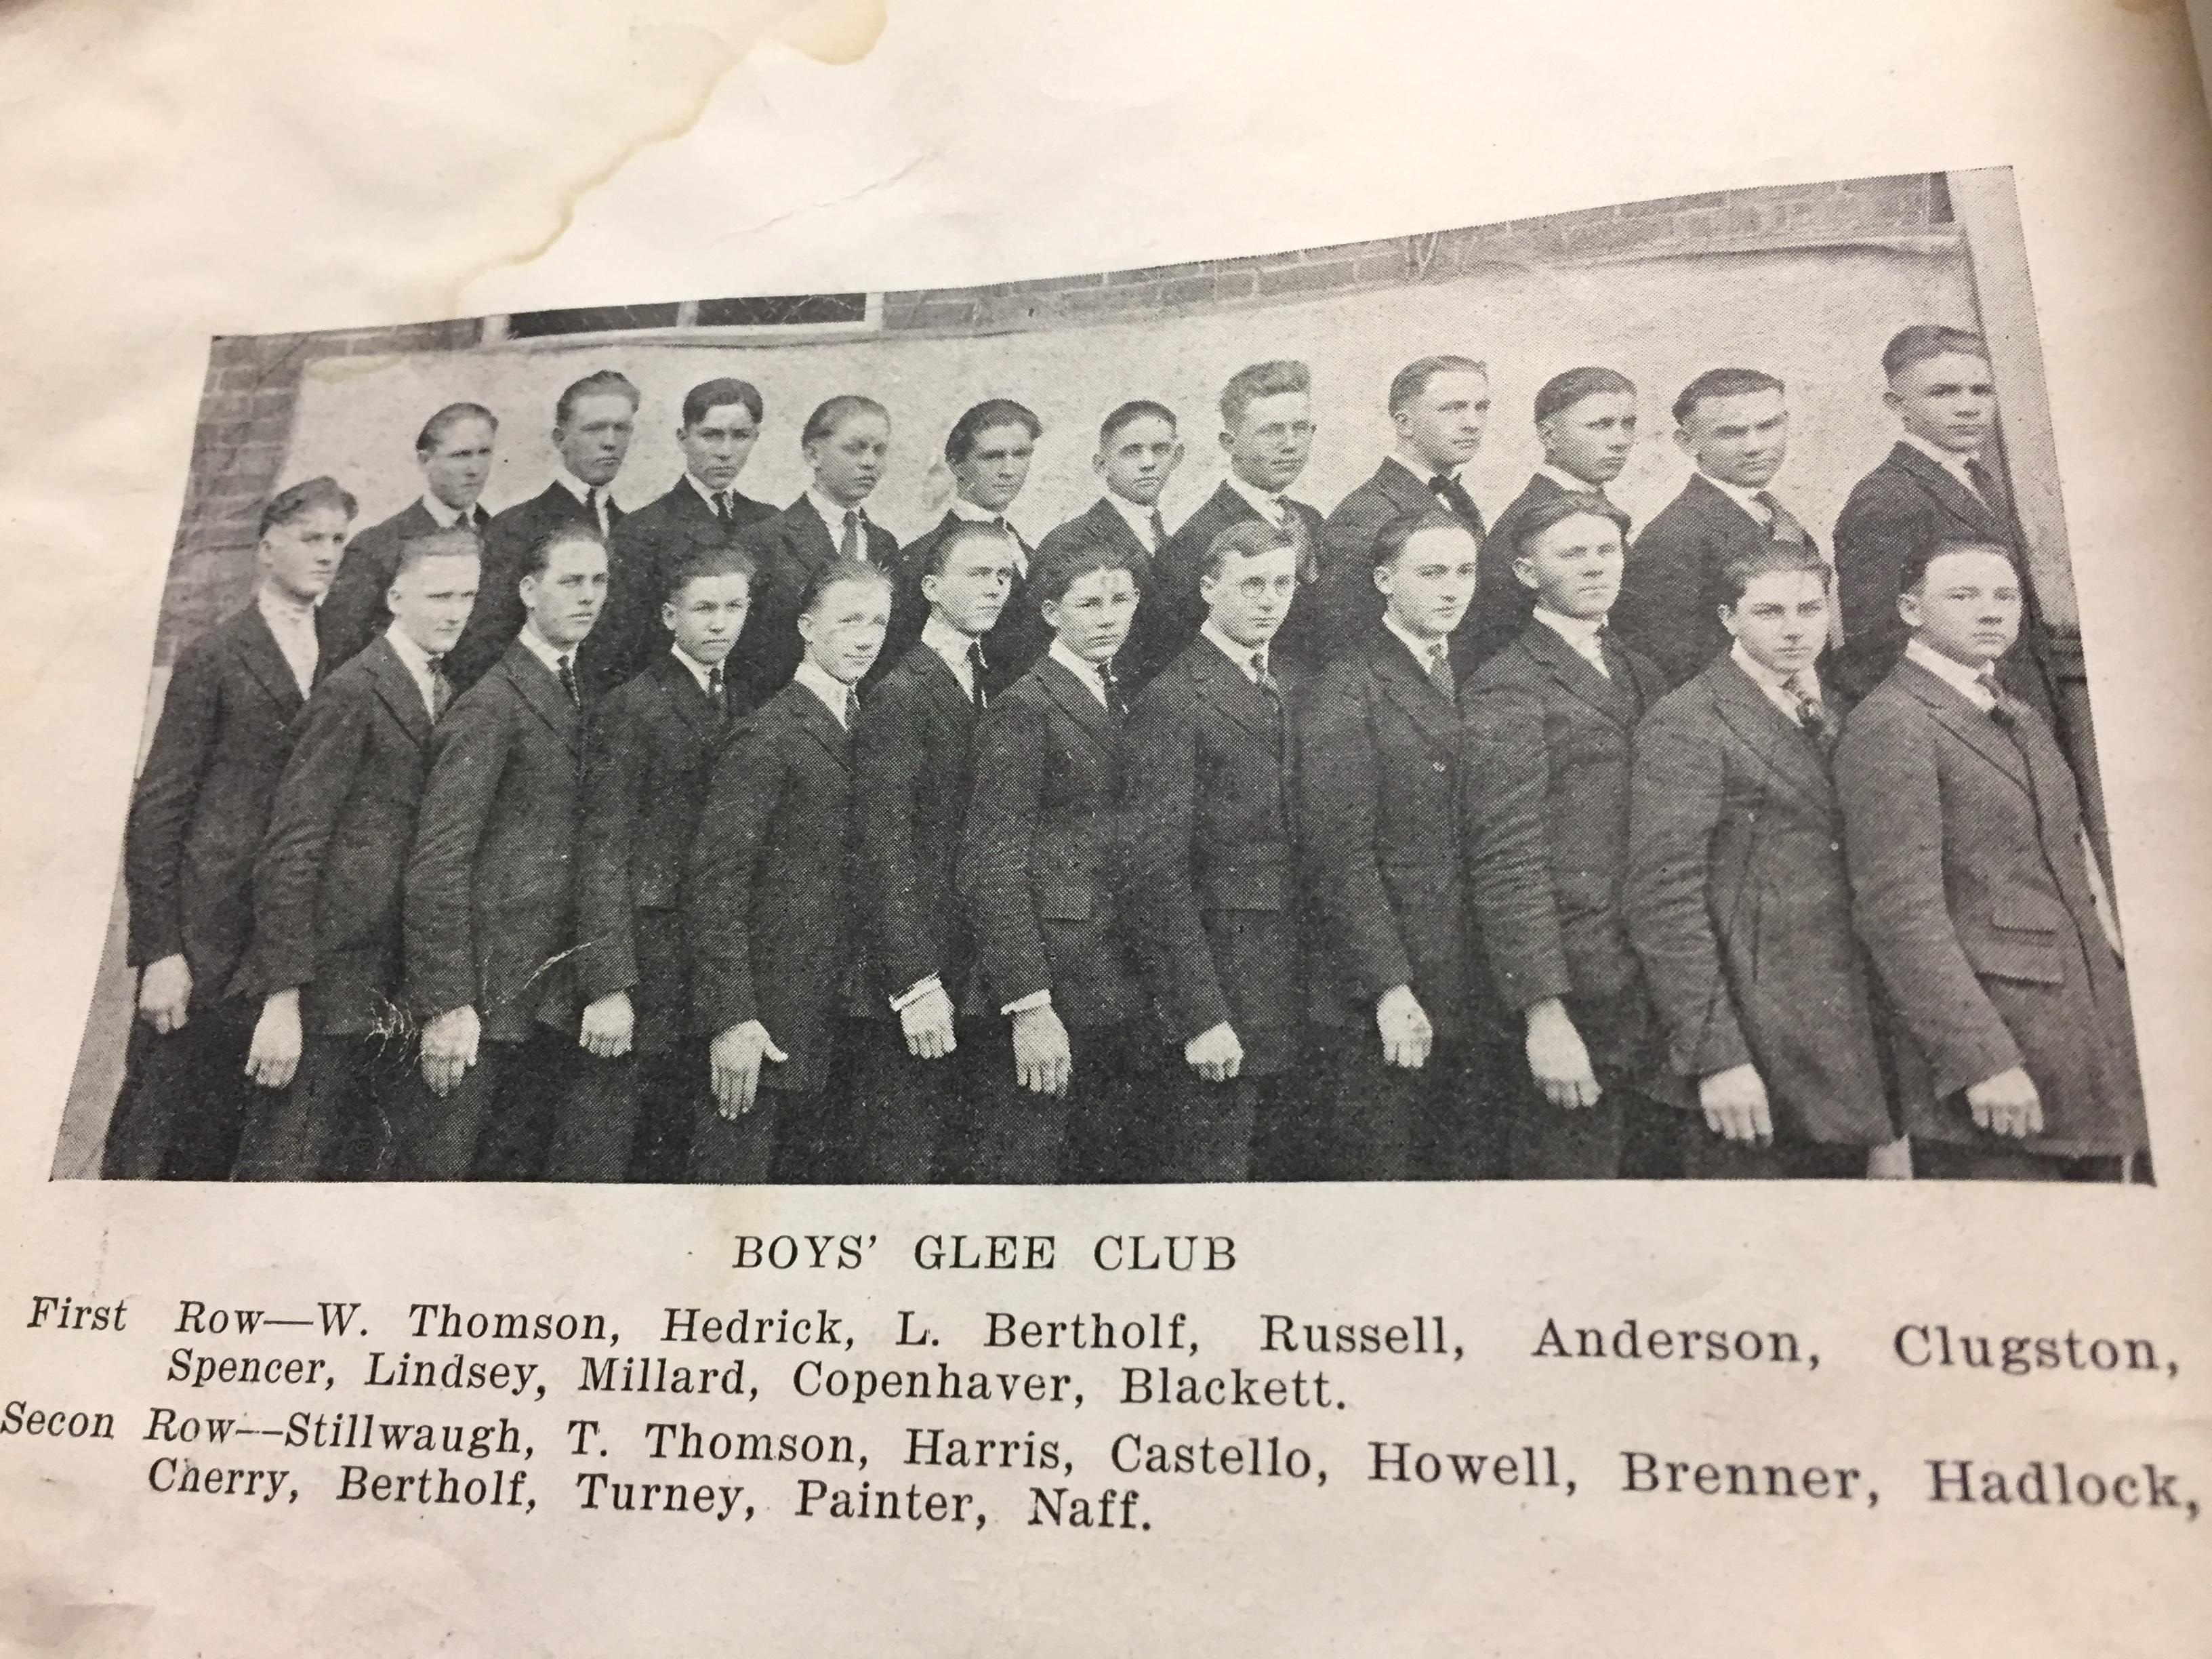 1922 Boys GleeClub